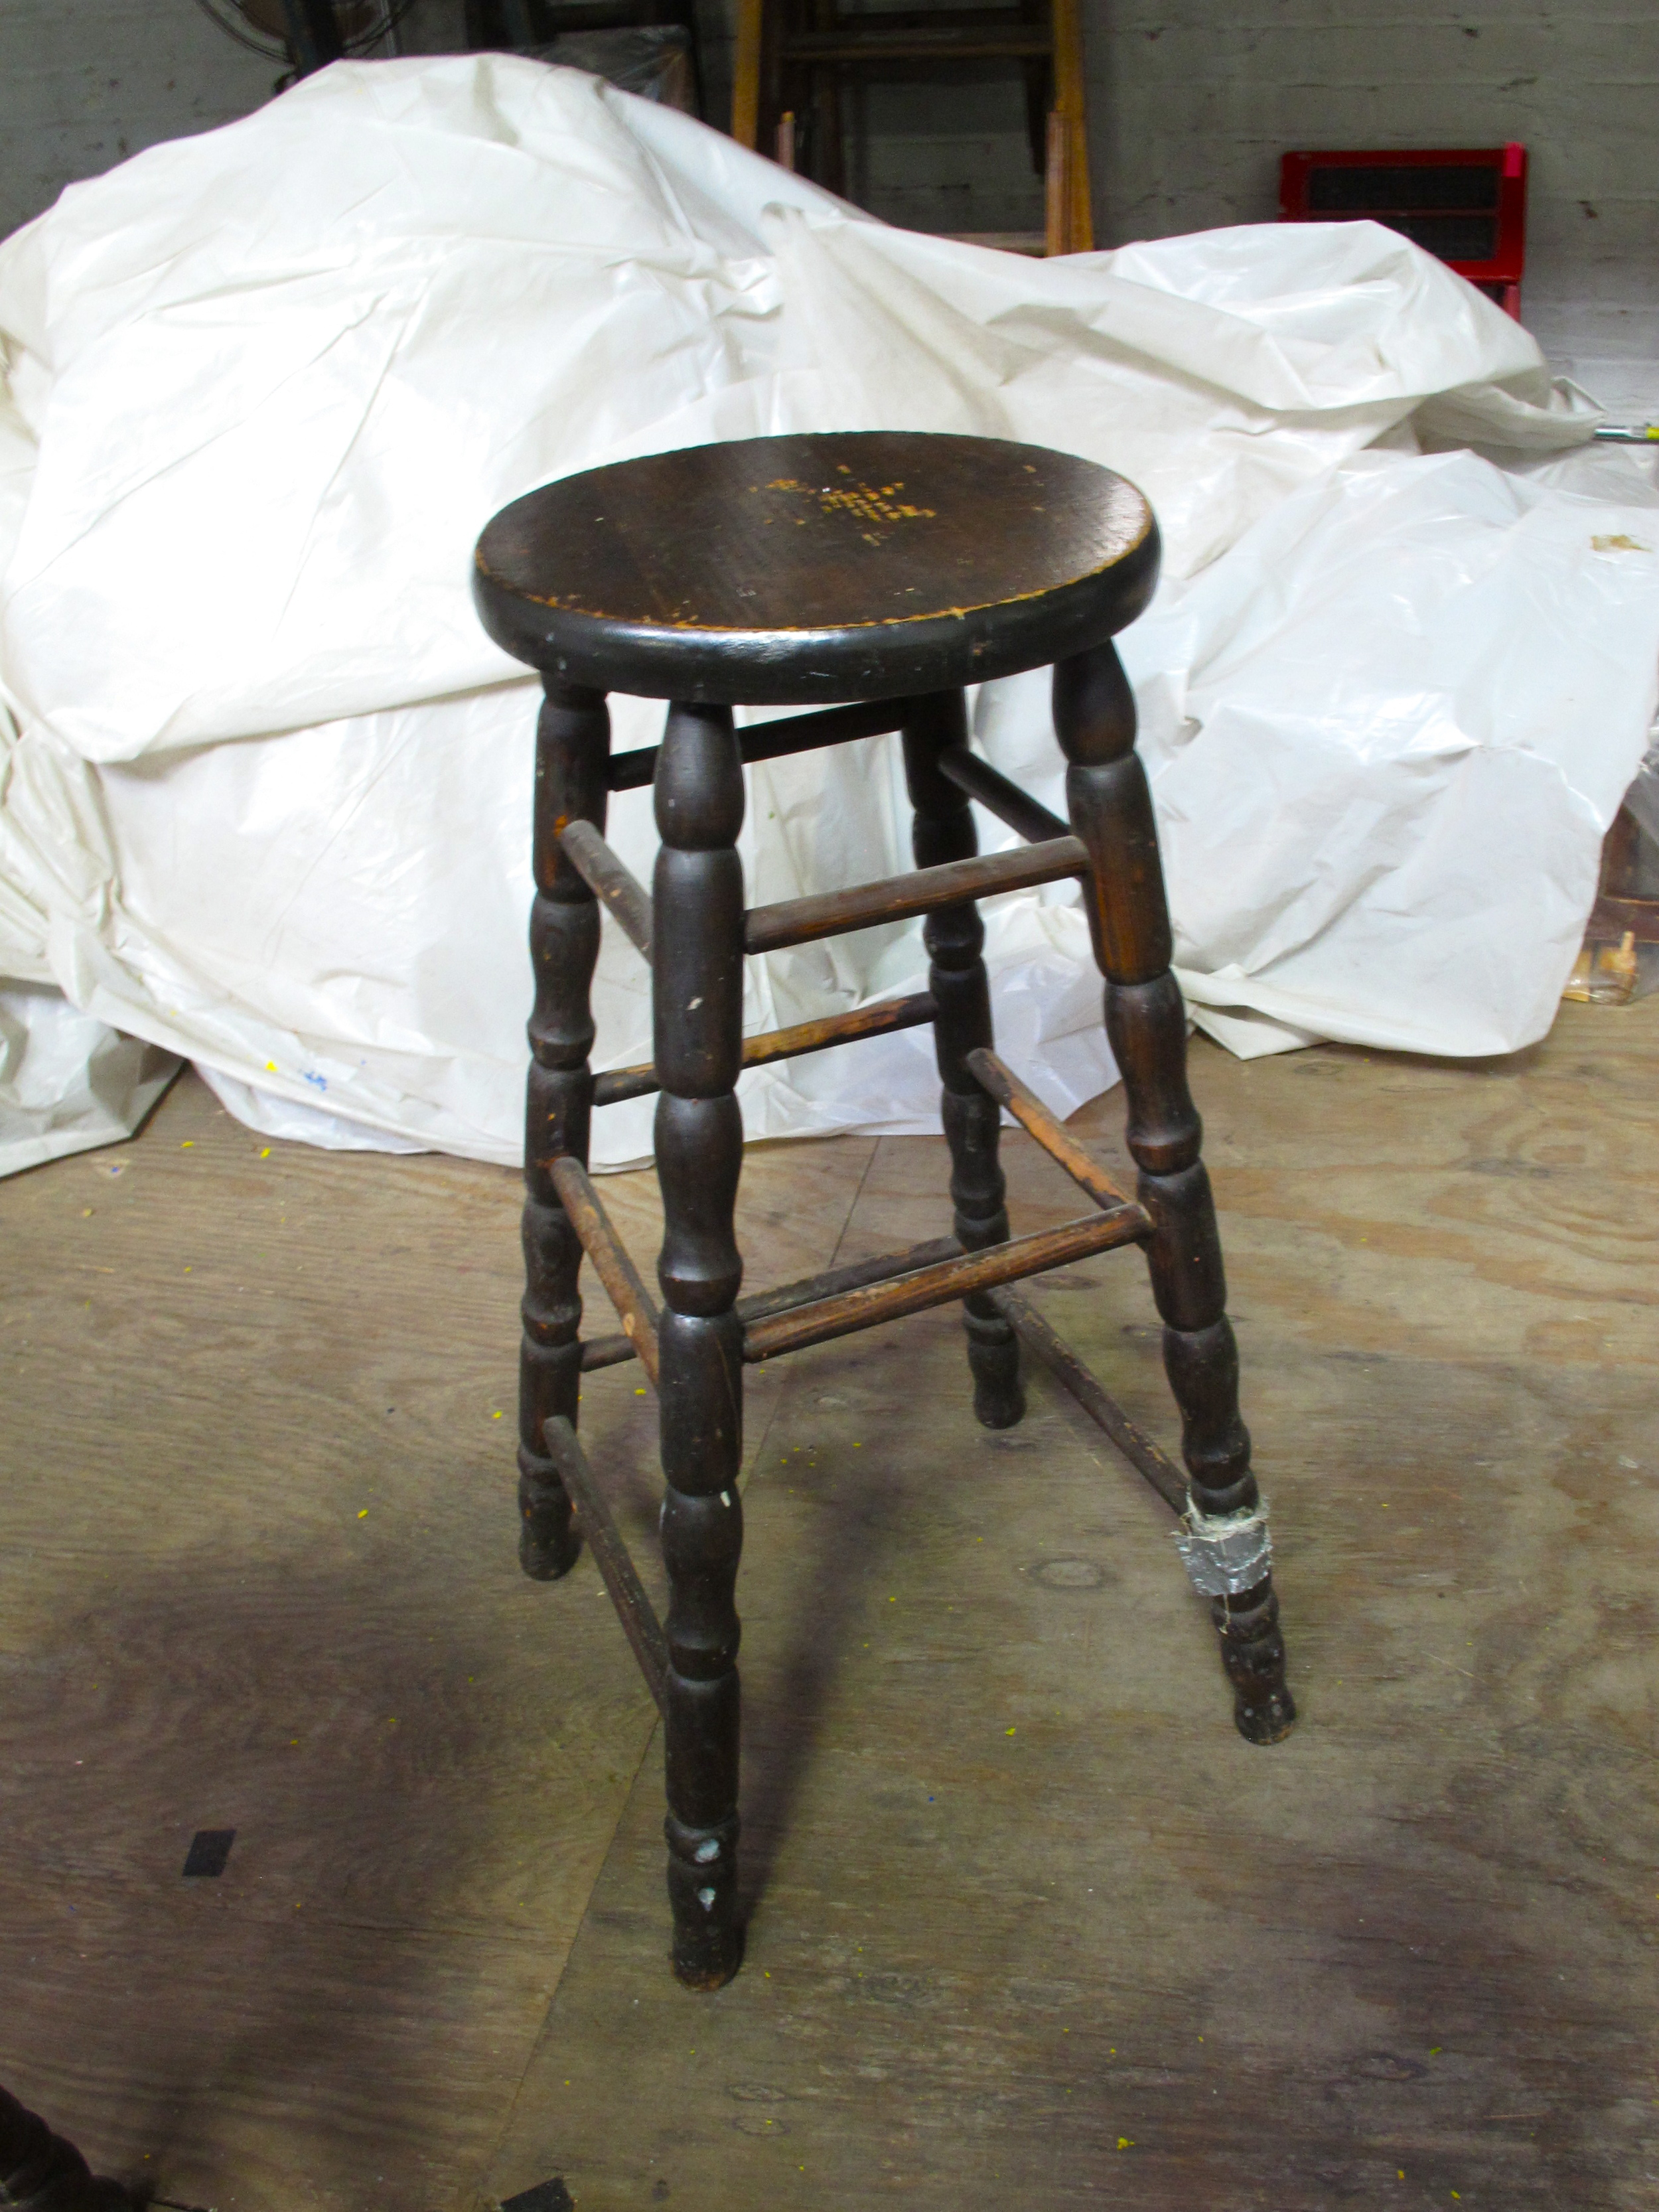 Dark Wood Turned Leg Stool $30